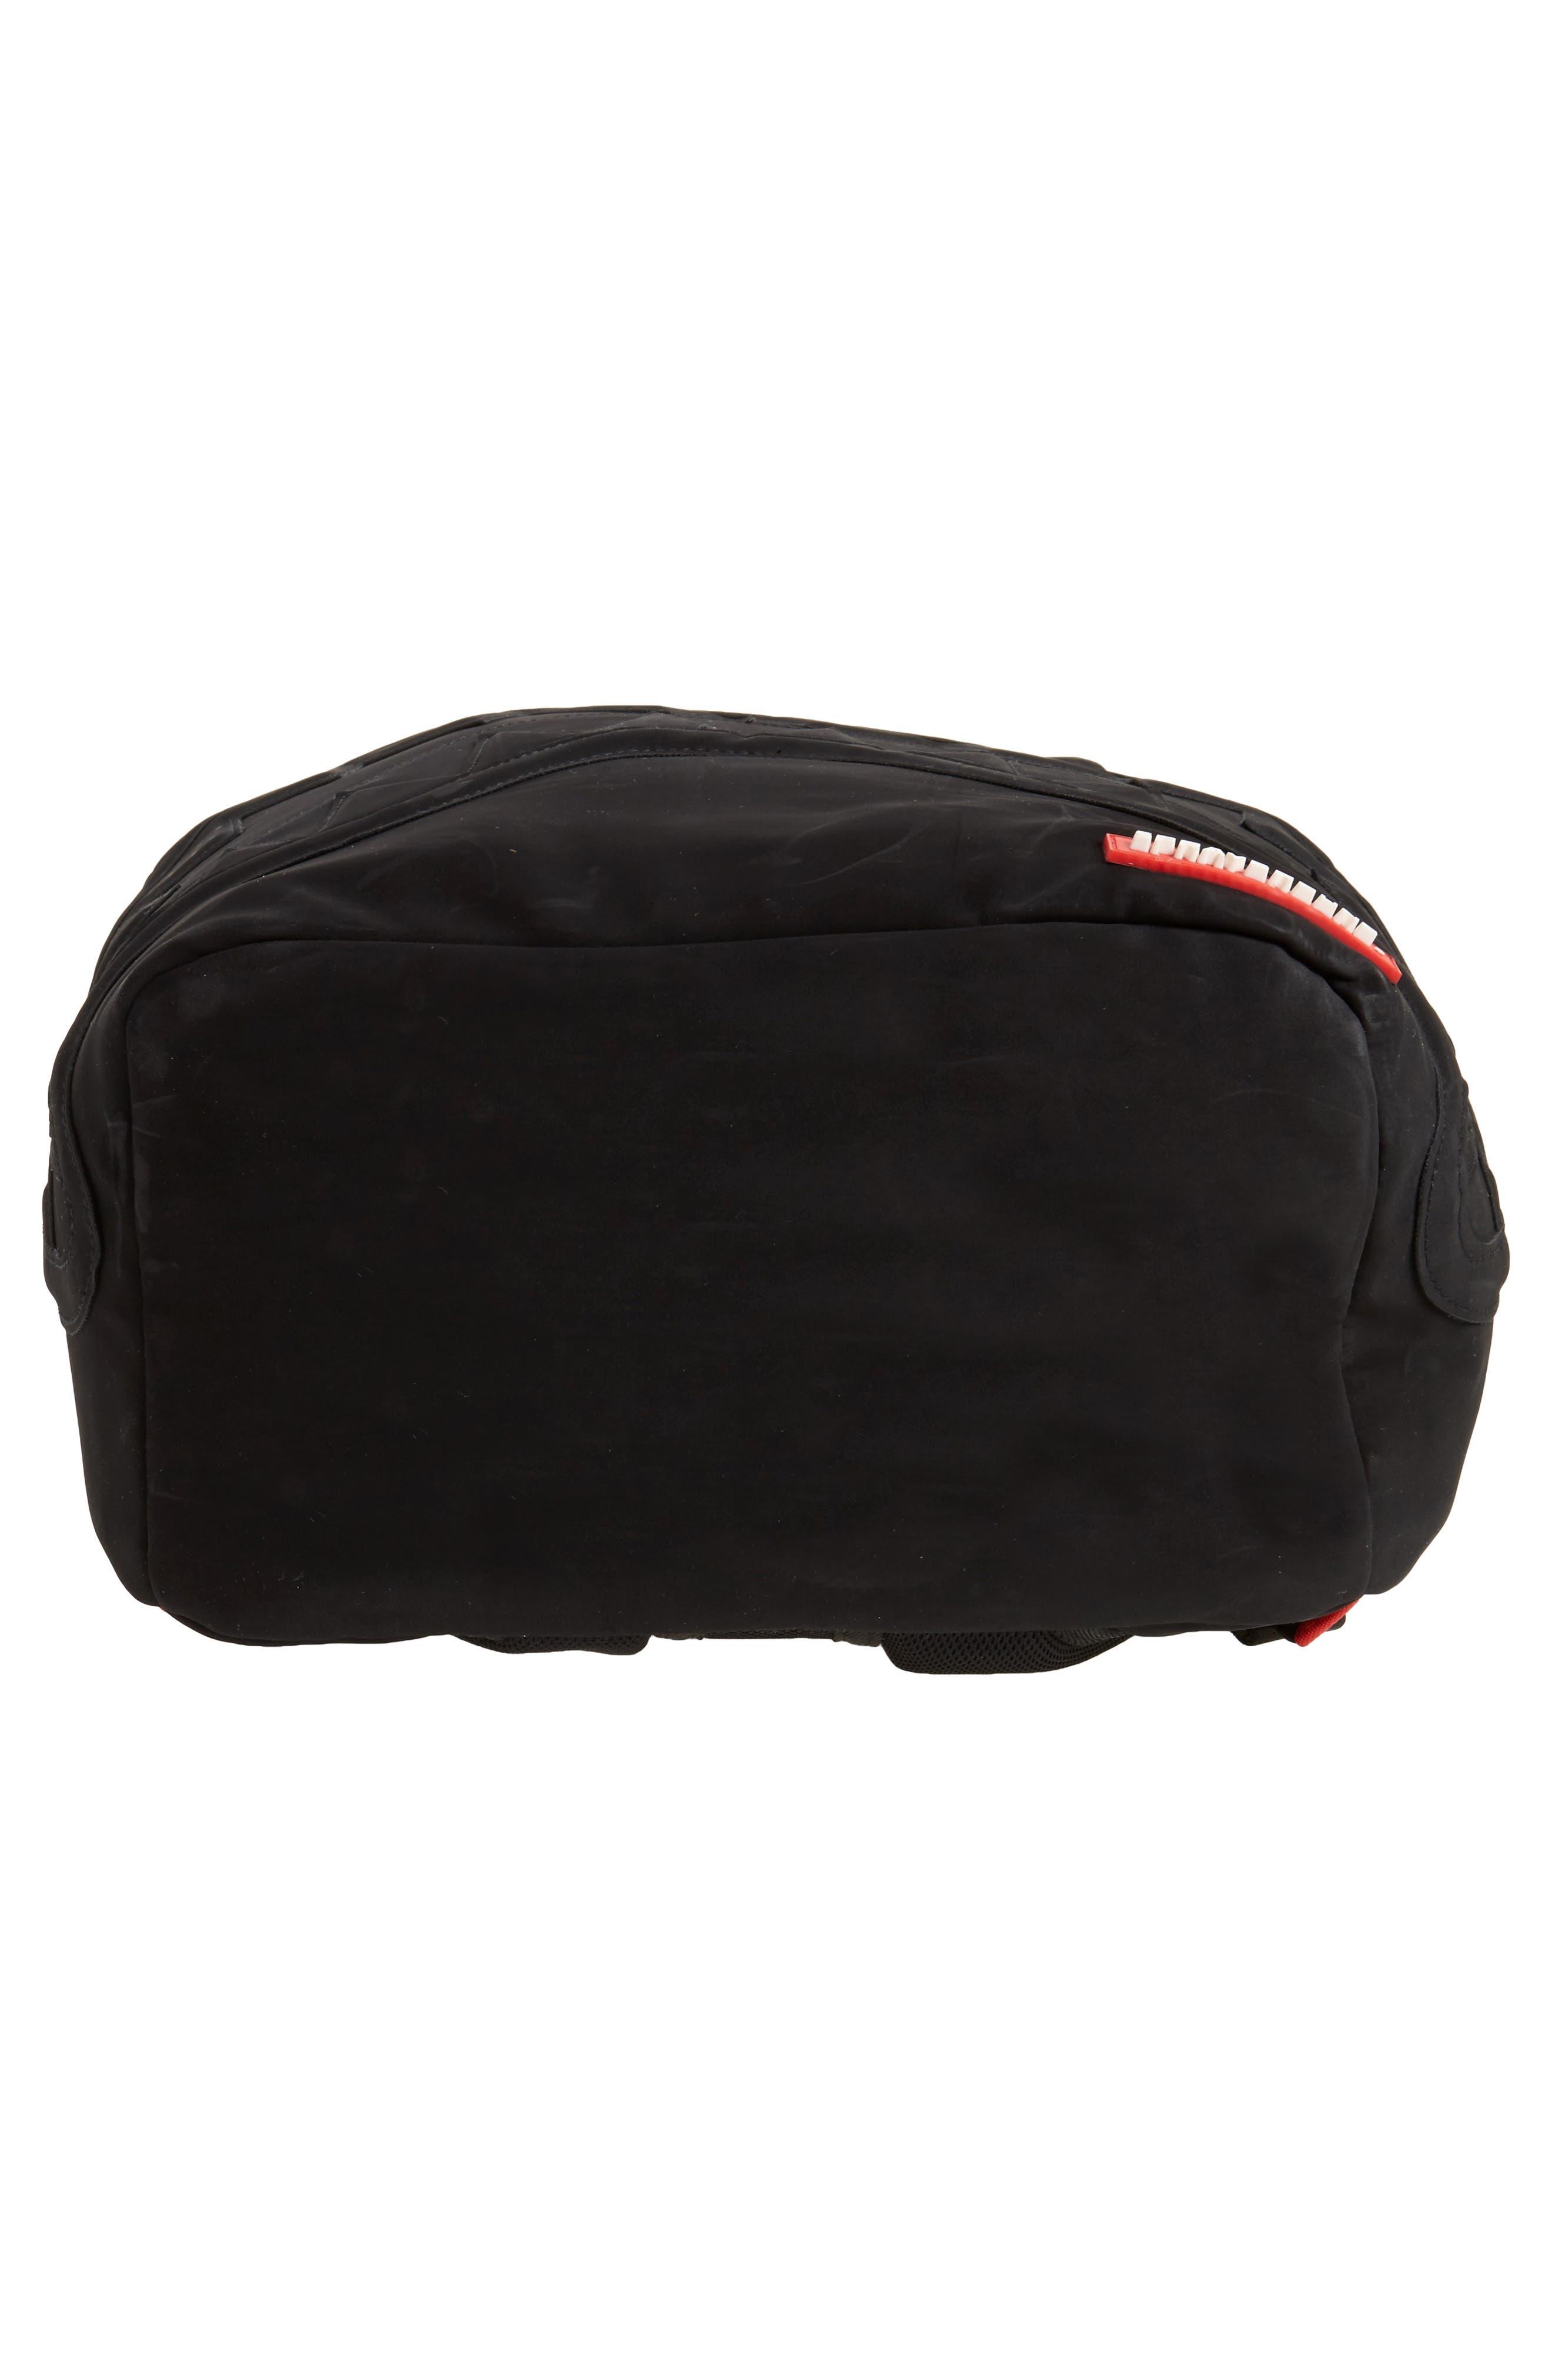 Ghost Shark Backpack,                             Alternate thumbnail 6, color,                             Black